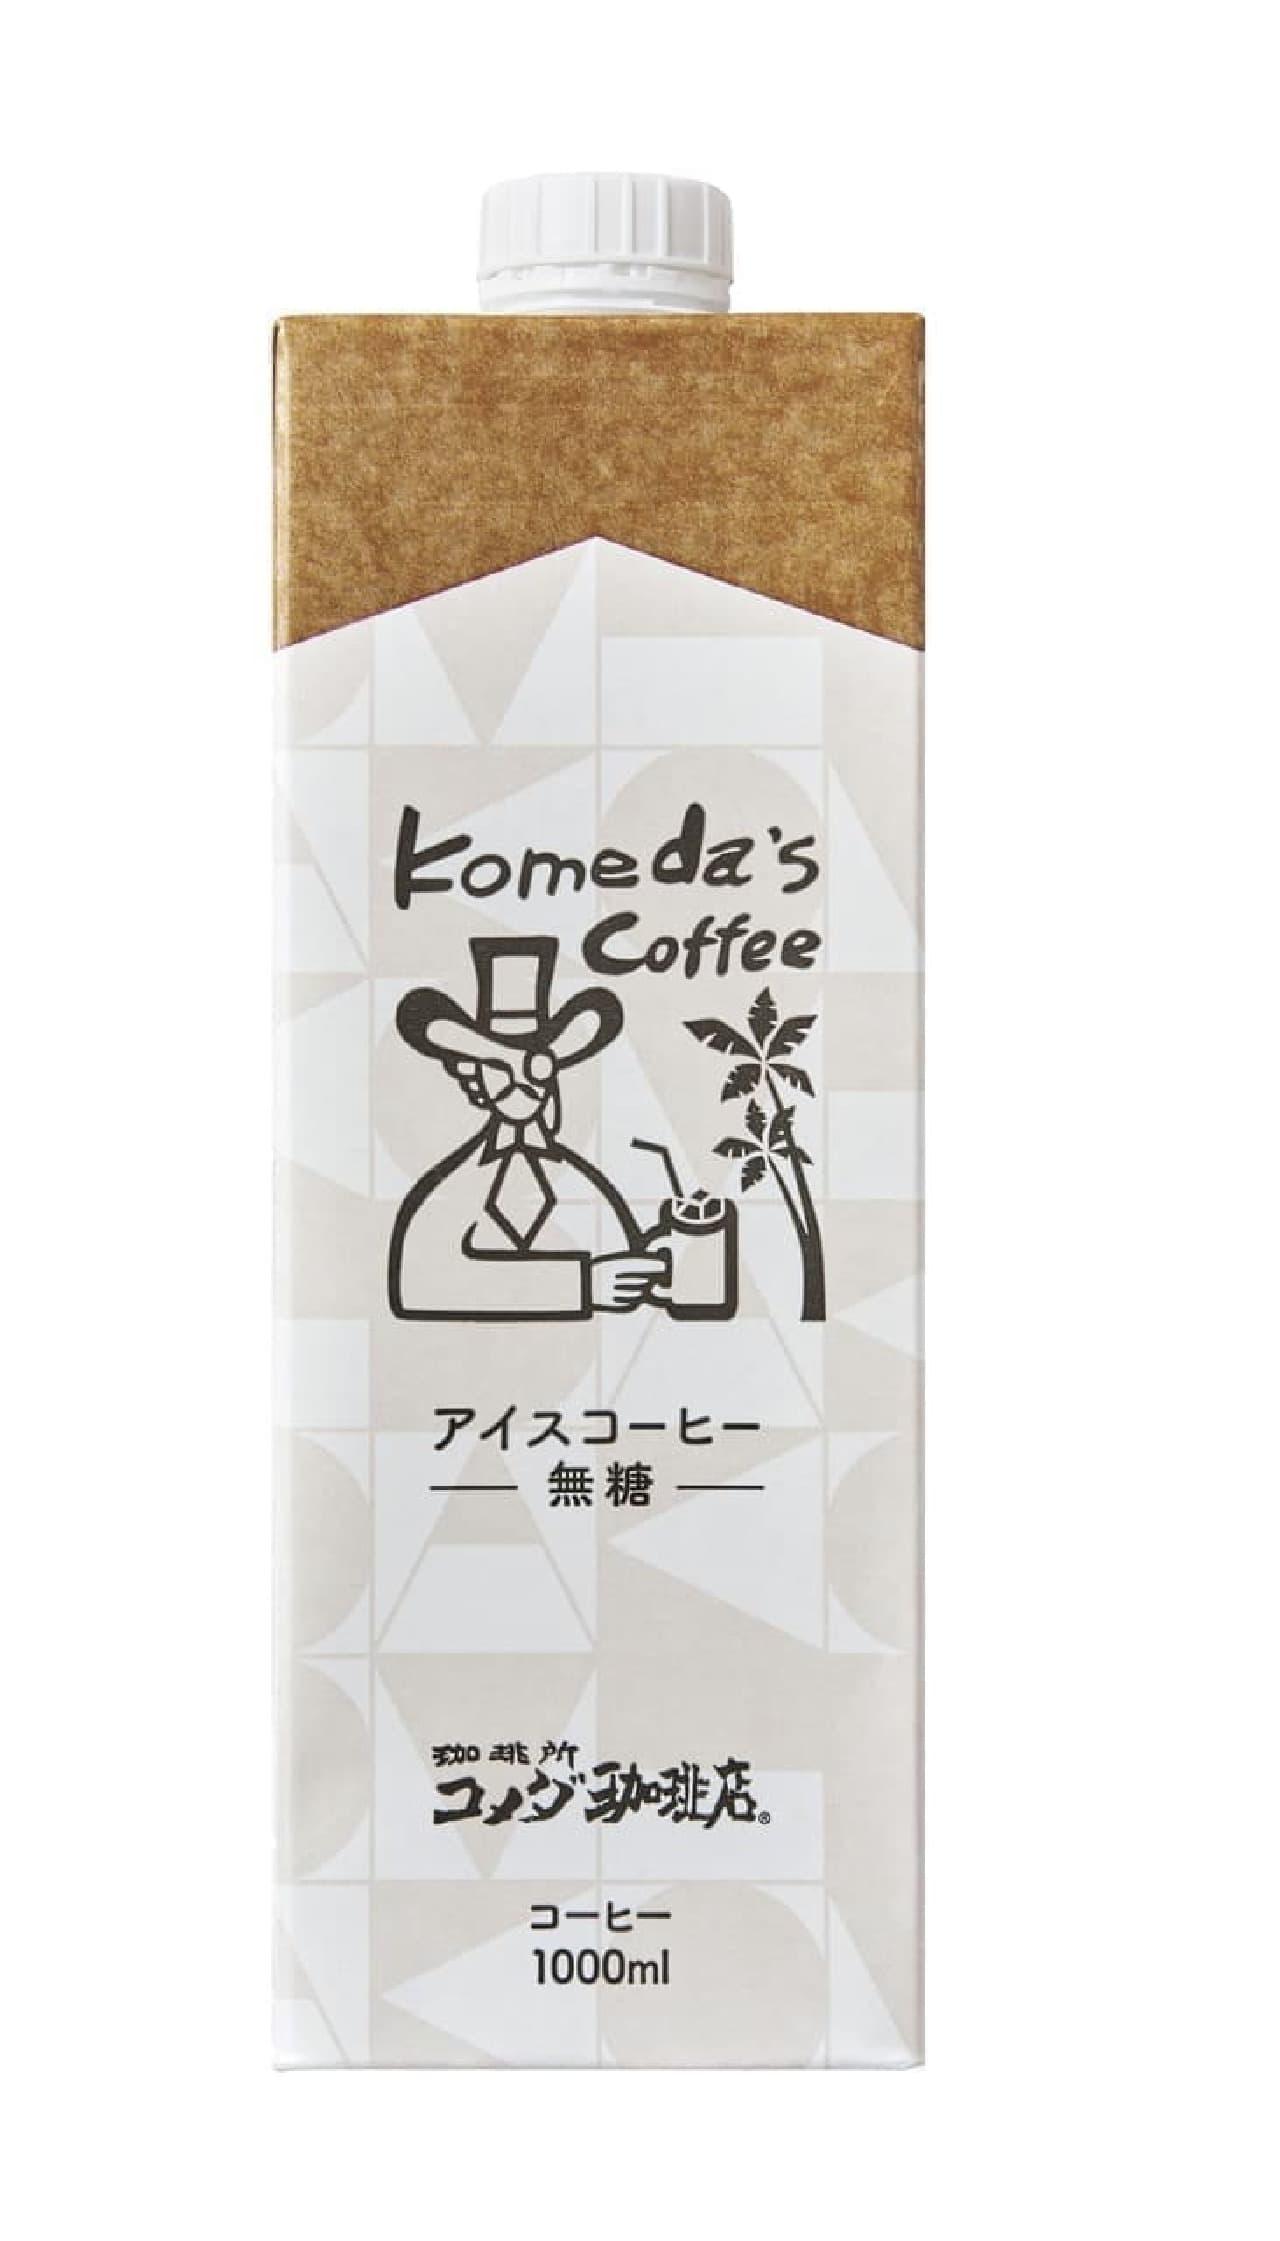 コメダ珈琲店サマーバッグ2020